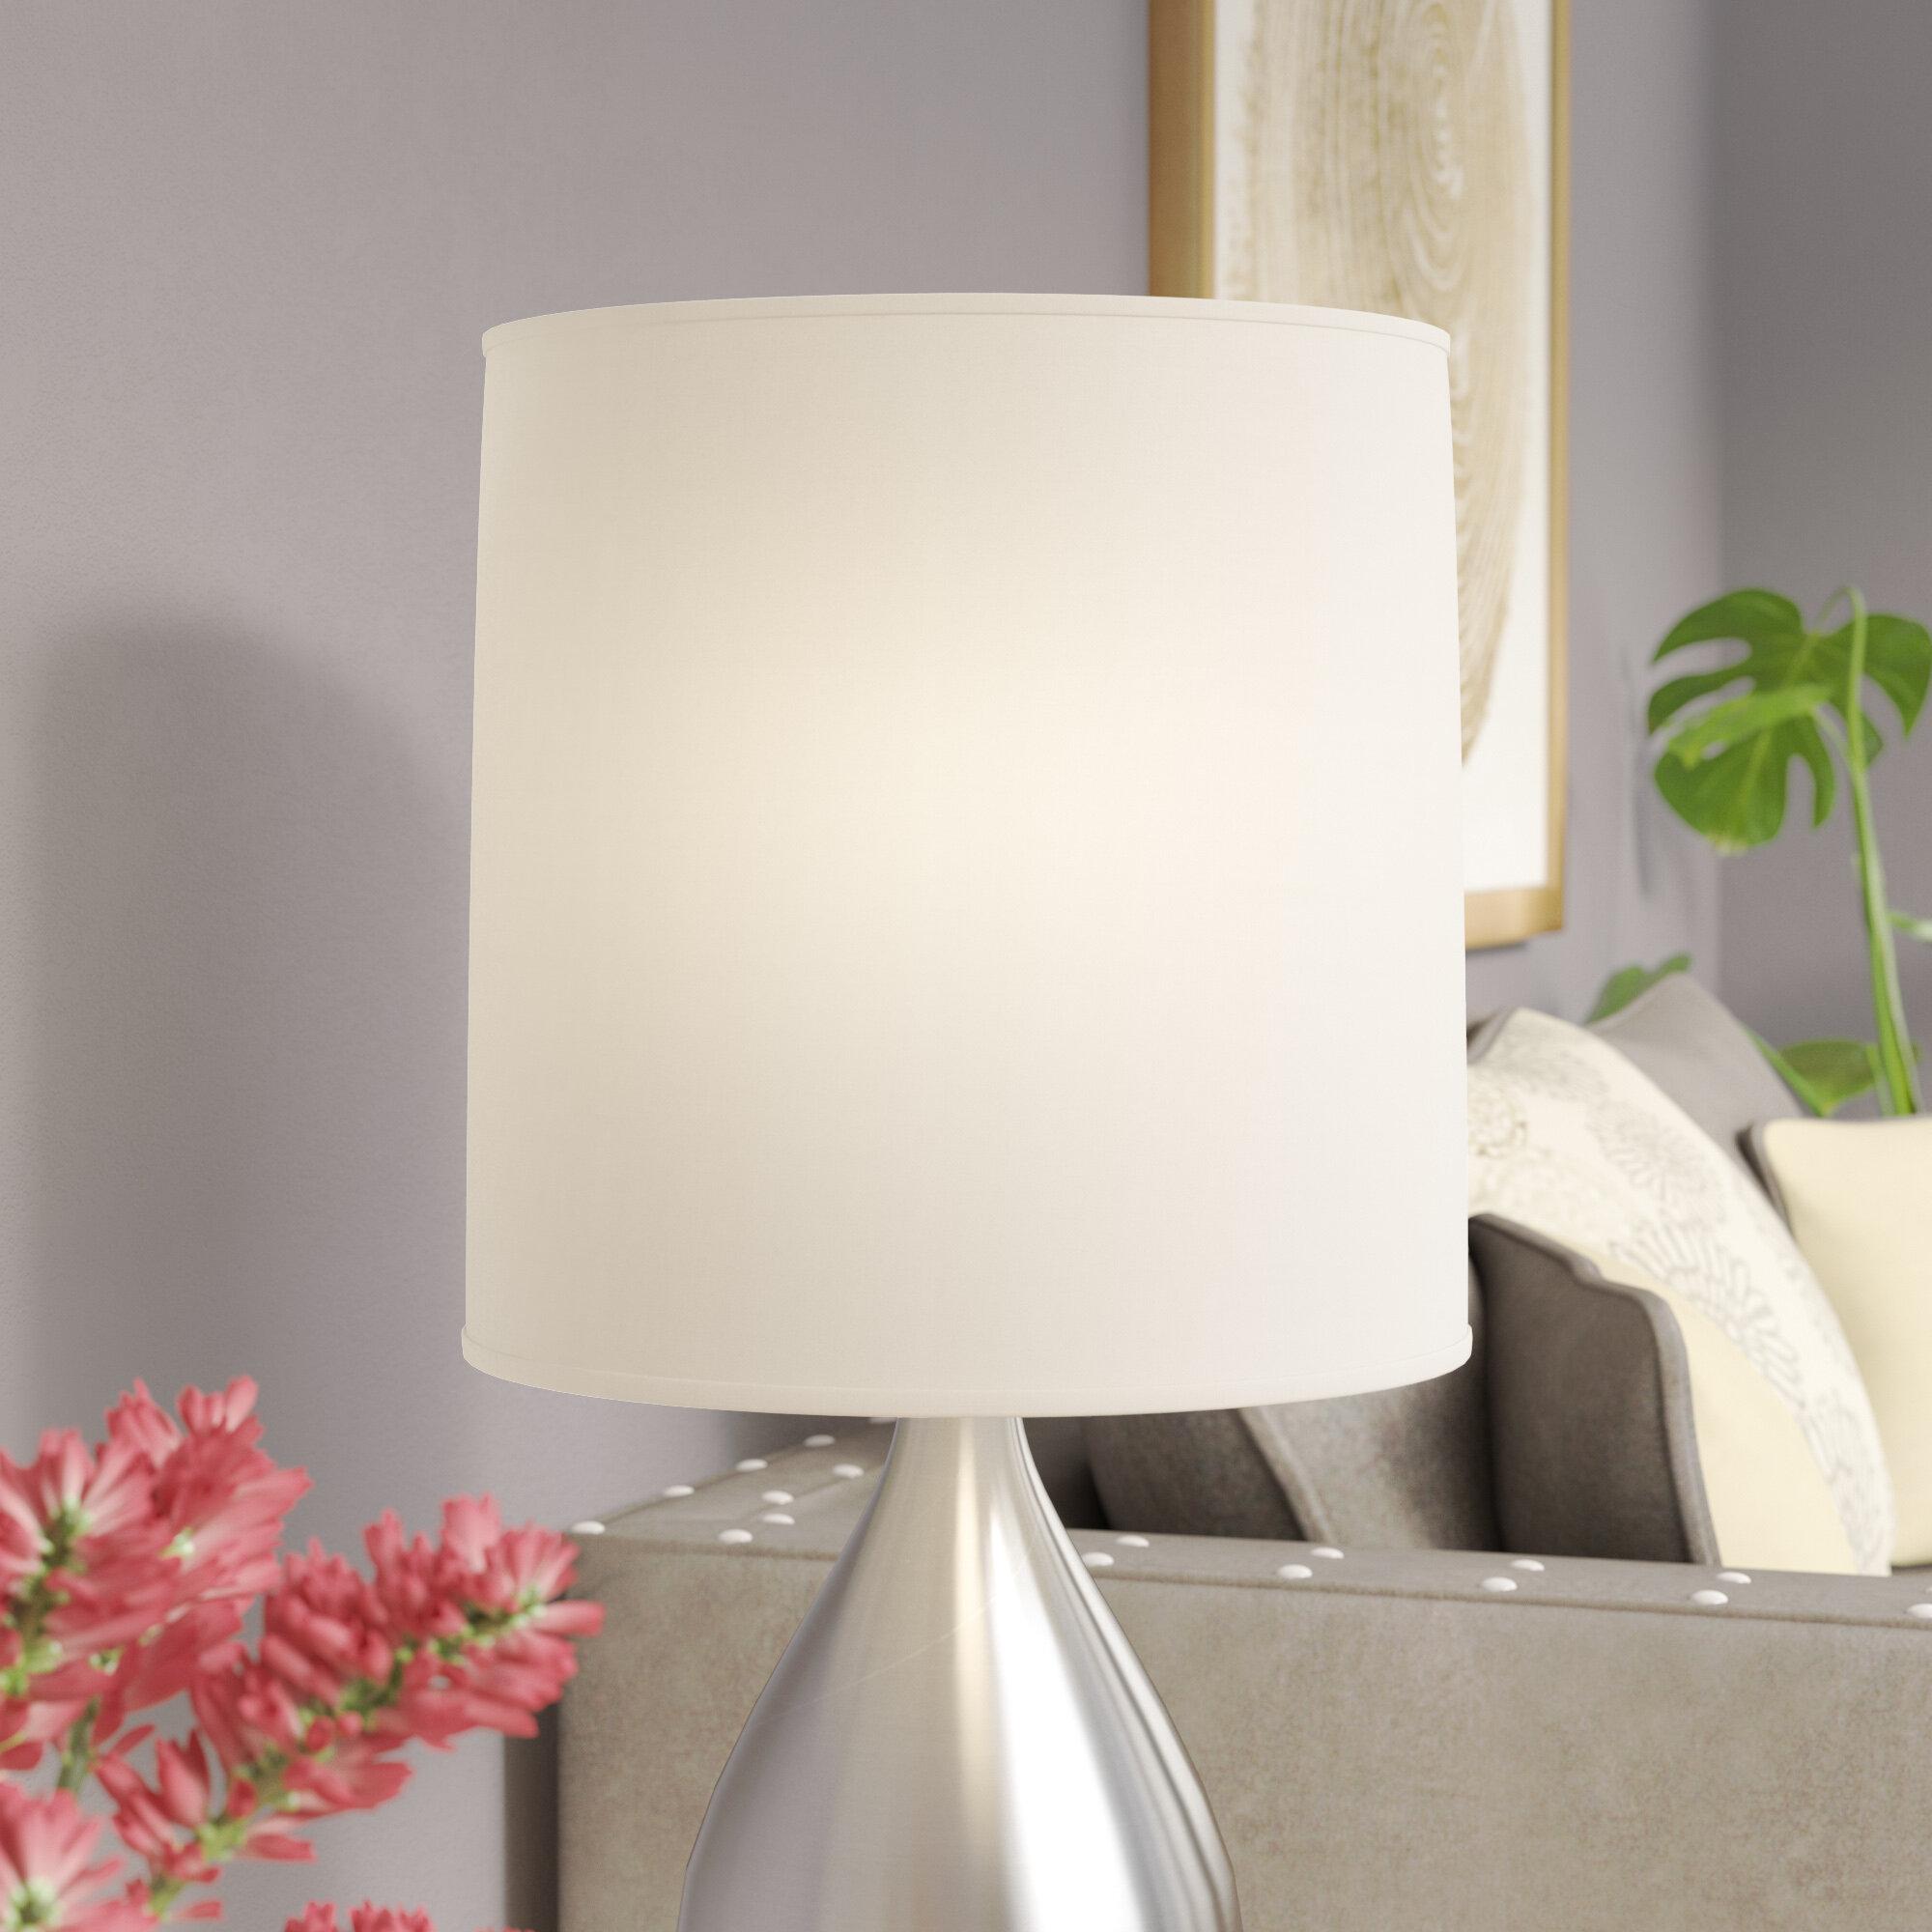 Brayden Studio Linen Drum Lamp Shade & Reviews | Wayfair